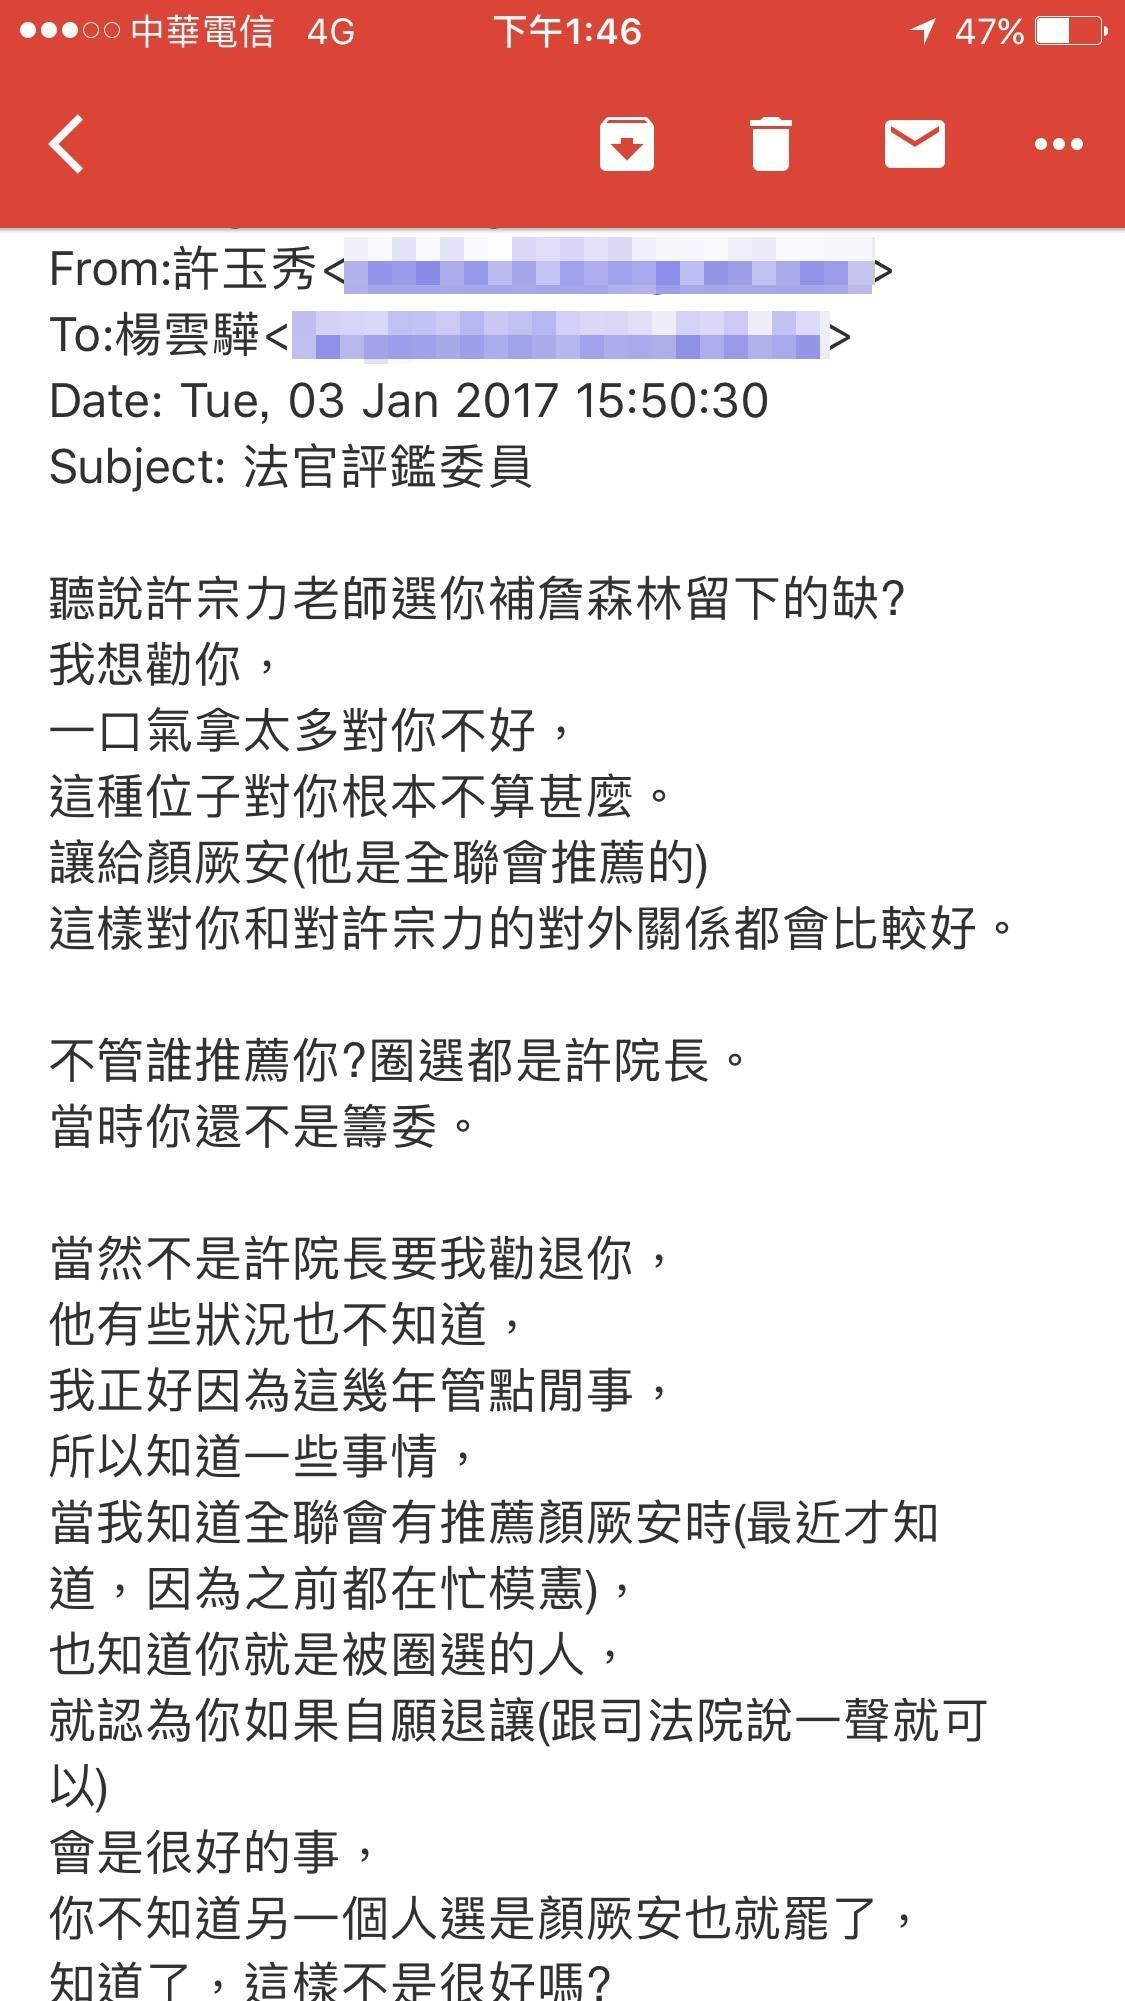 本刊取得許玉秀關說司法人事電子郵件,顯示她介入法官評鑑委員會委員人選任命。